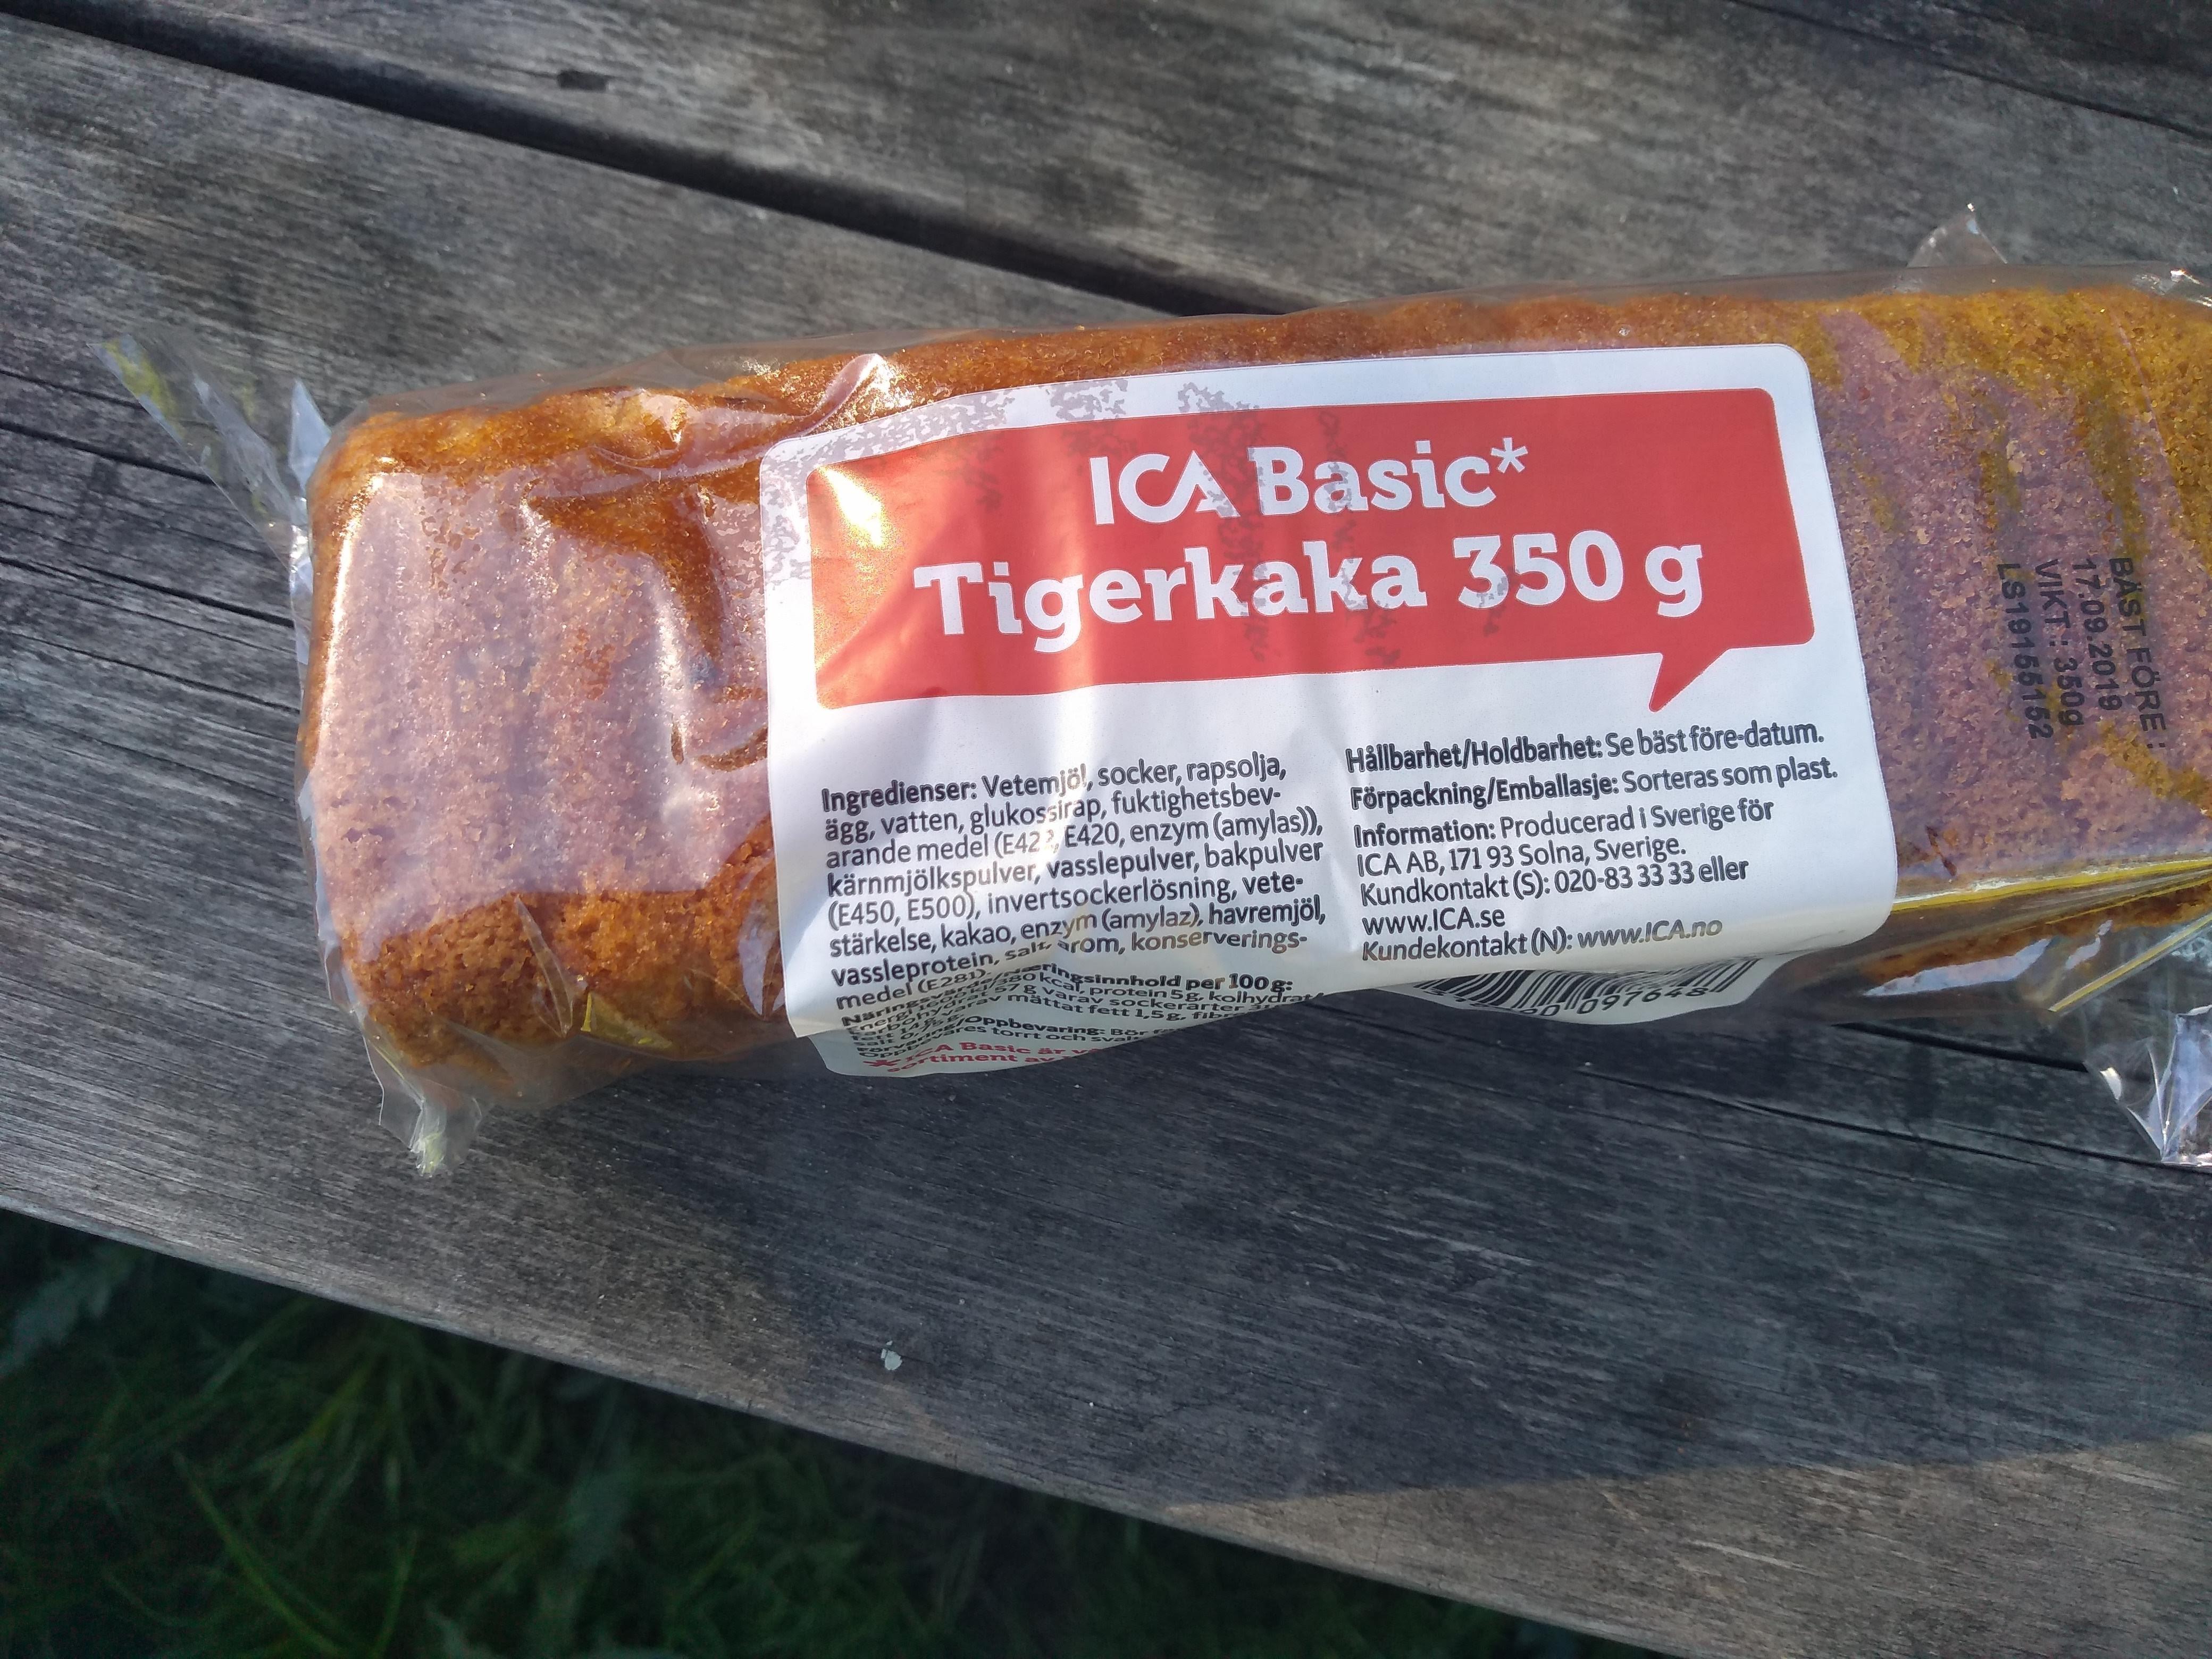 Tigerkaka